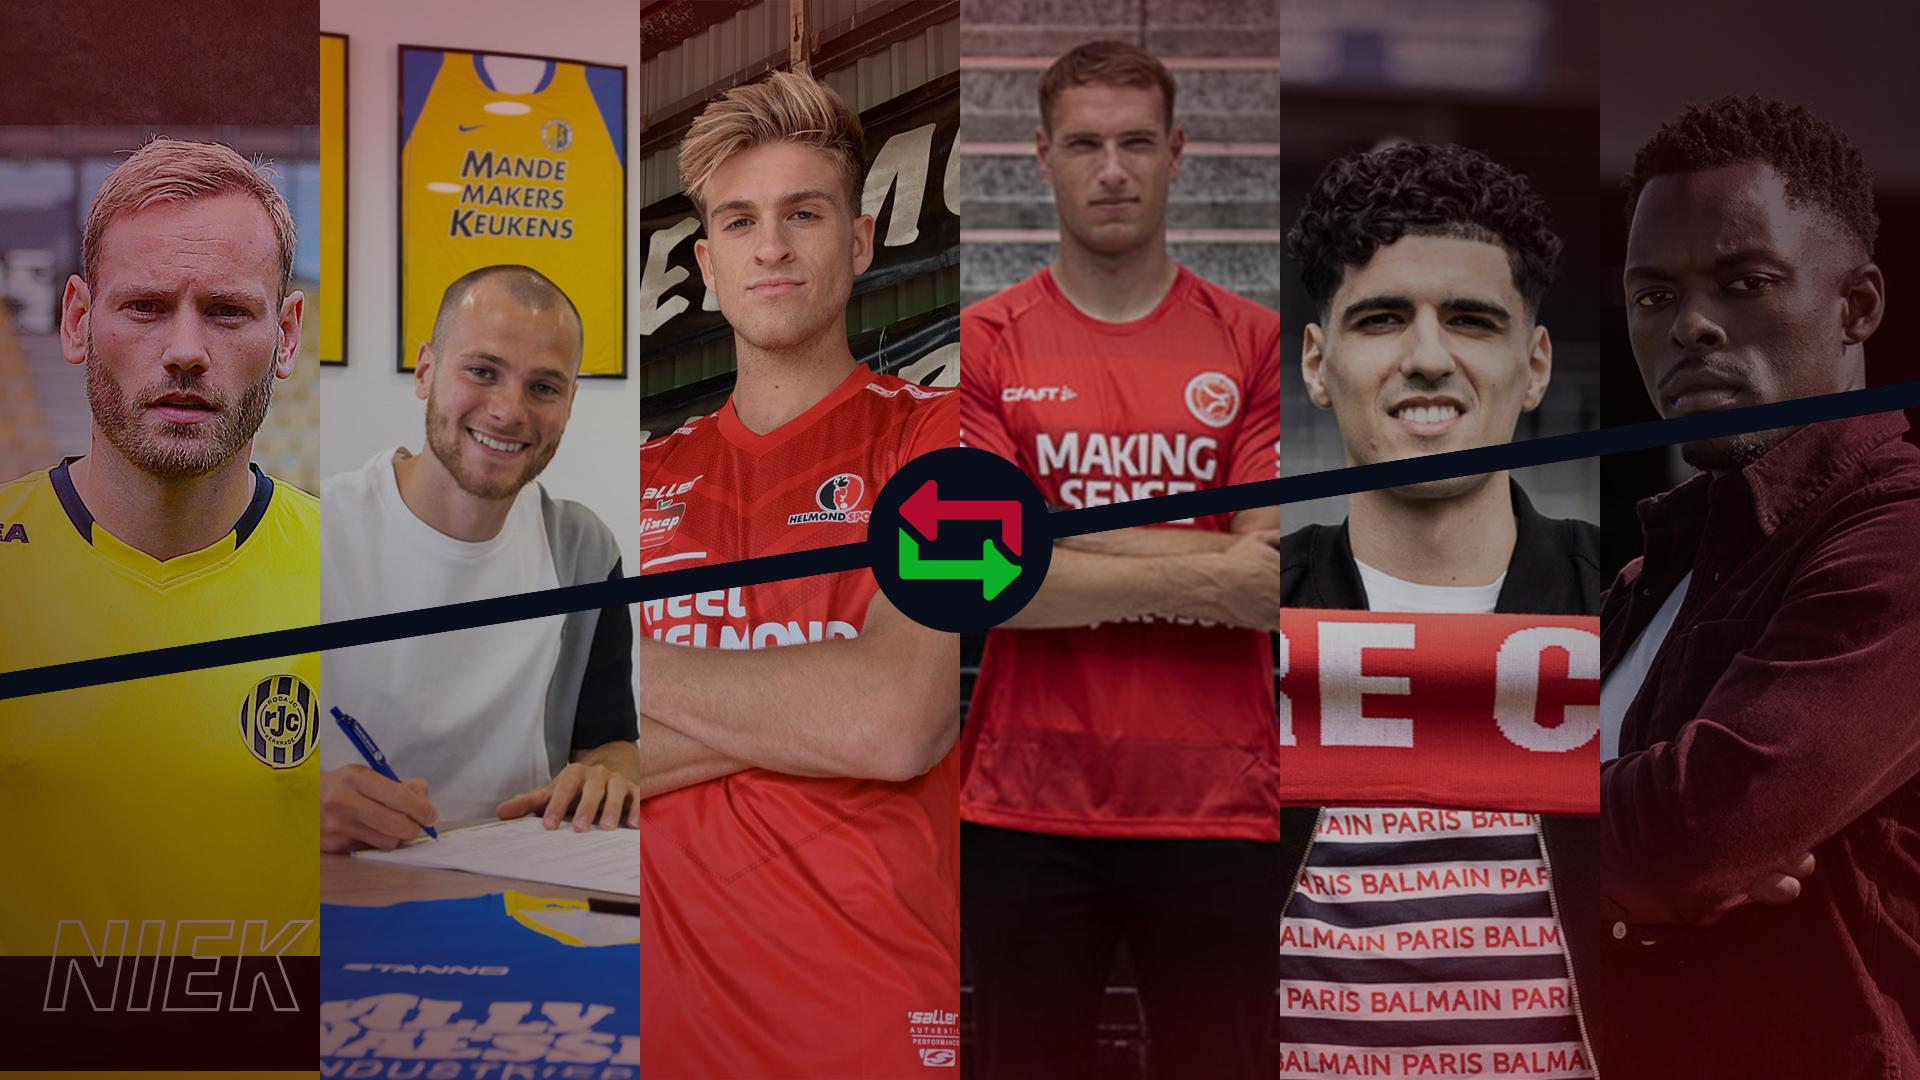 Transferoverzicht 2020: Veel spelers vertrokken, mix aan spelers gehaald